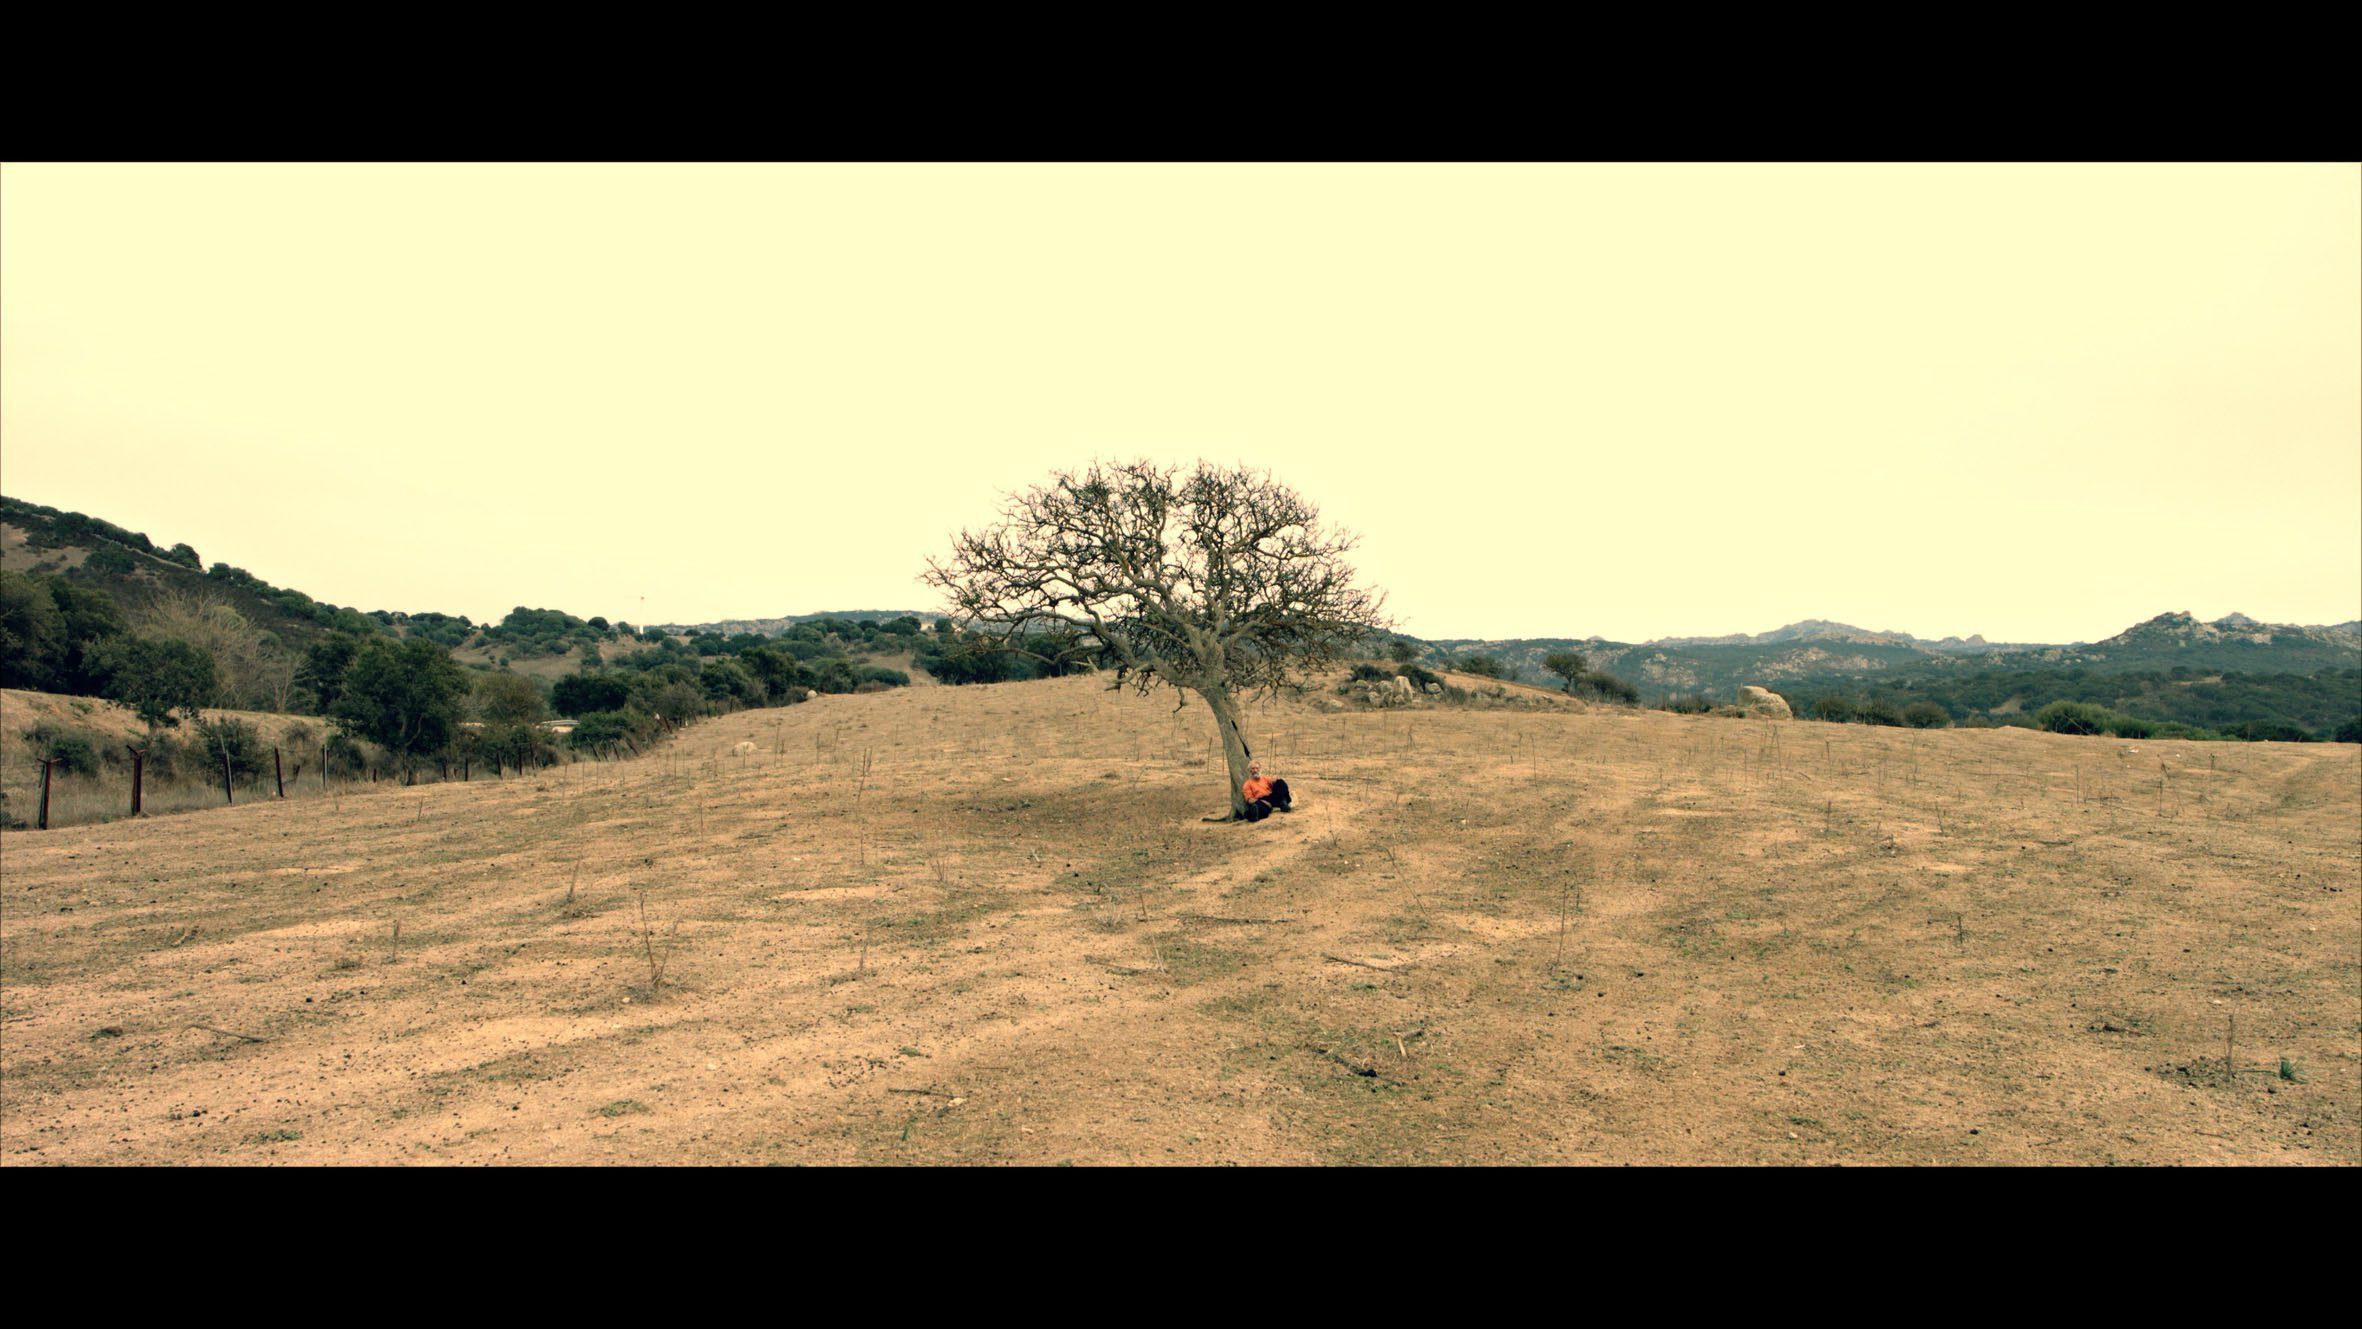 """Presentato il progetto cinematografico """"The man of trees"""" – L'Uomo delle Querce"""